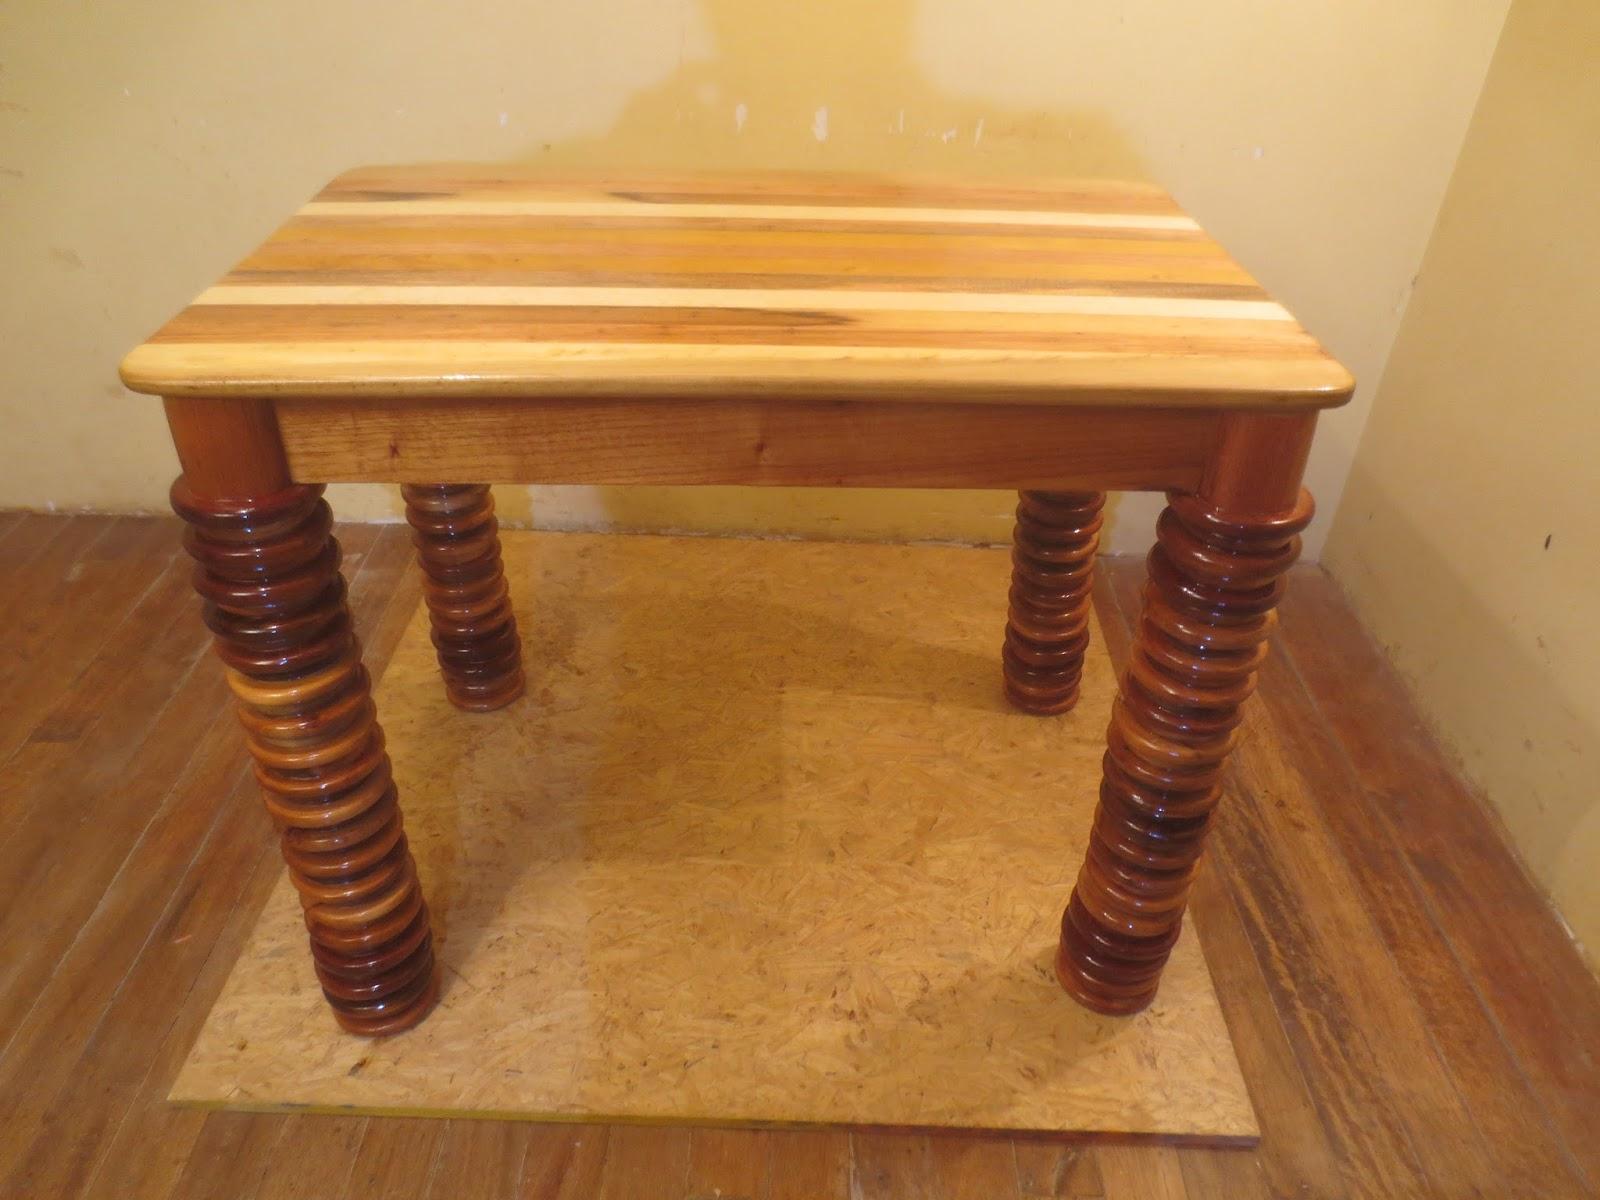 4 Opciones Para Restaurar Muebles De Madera Ideas Para Restaurar